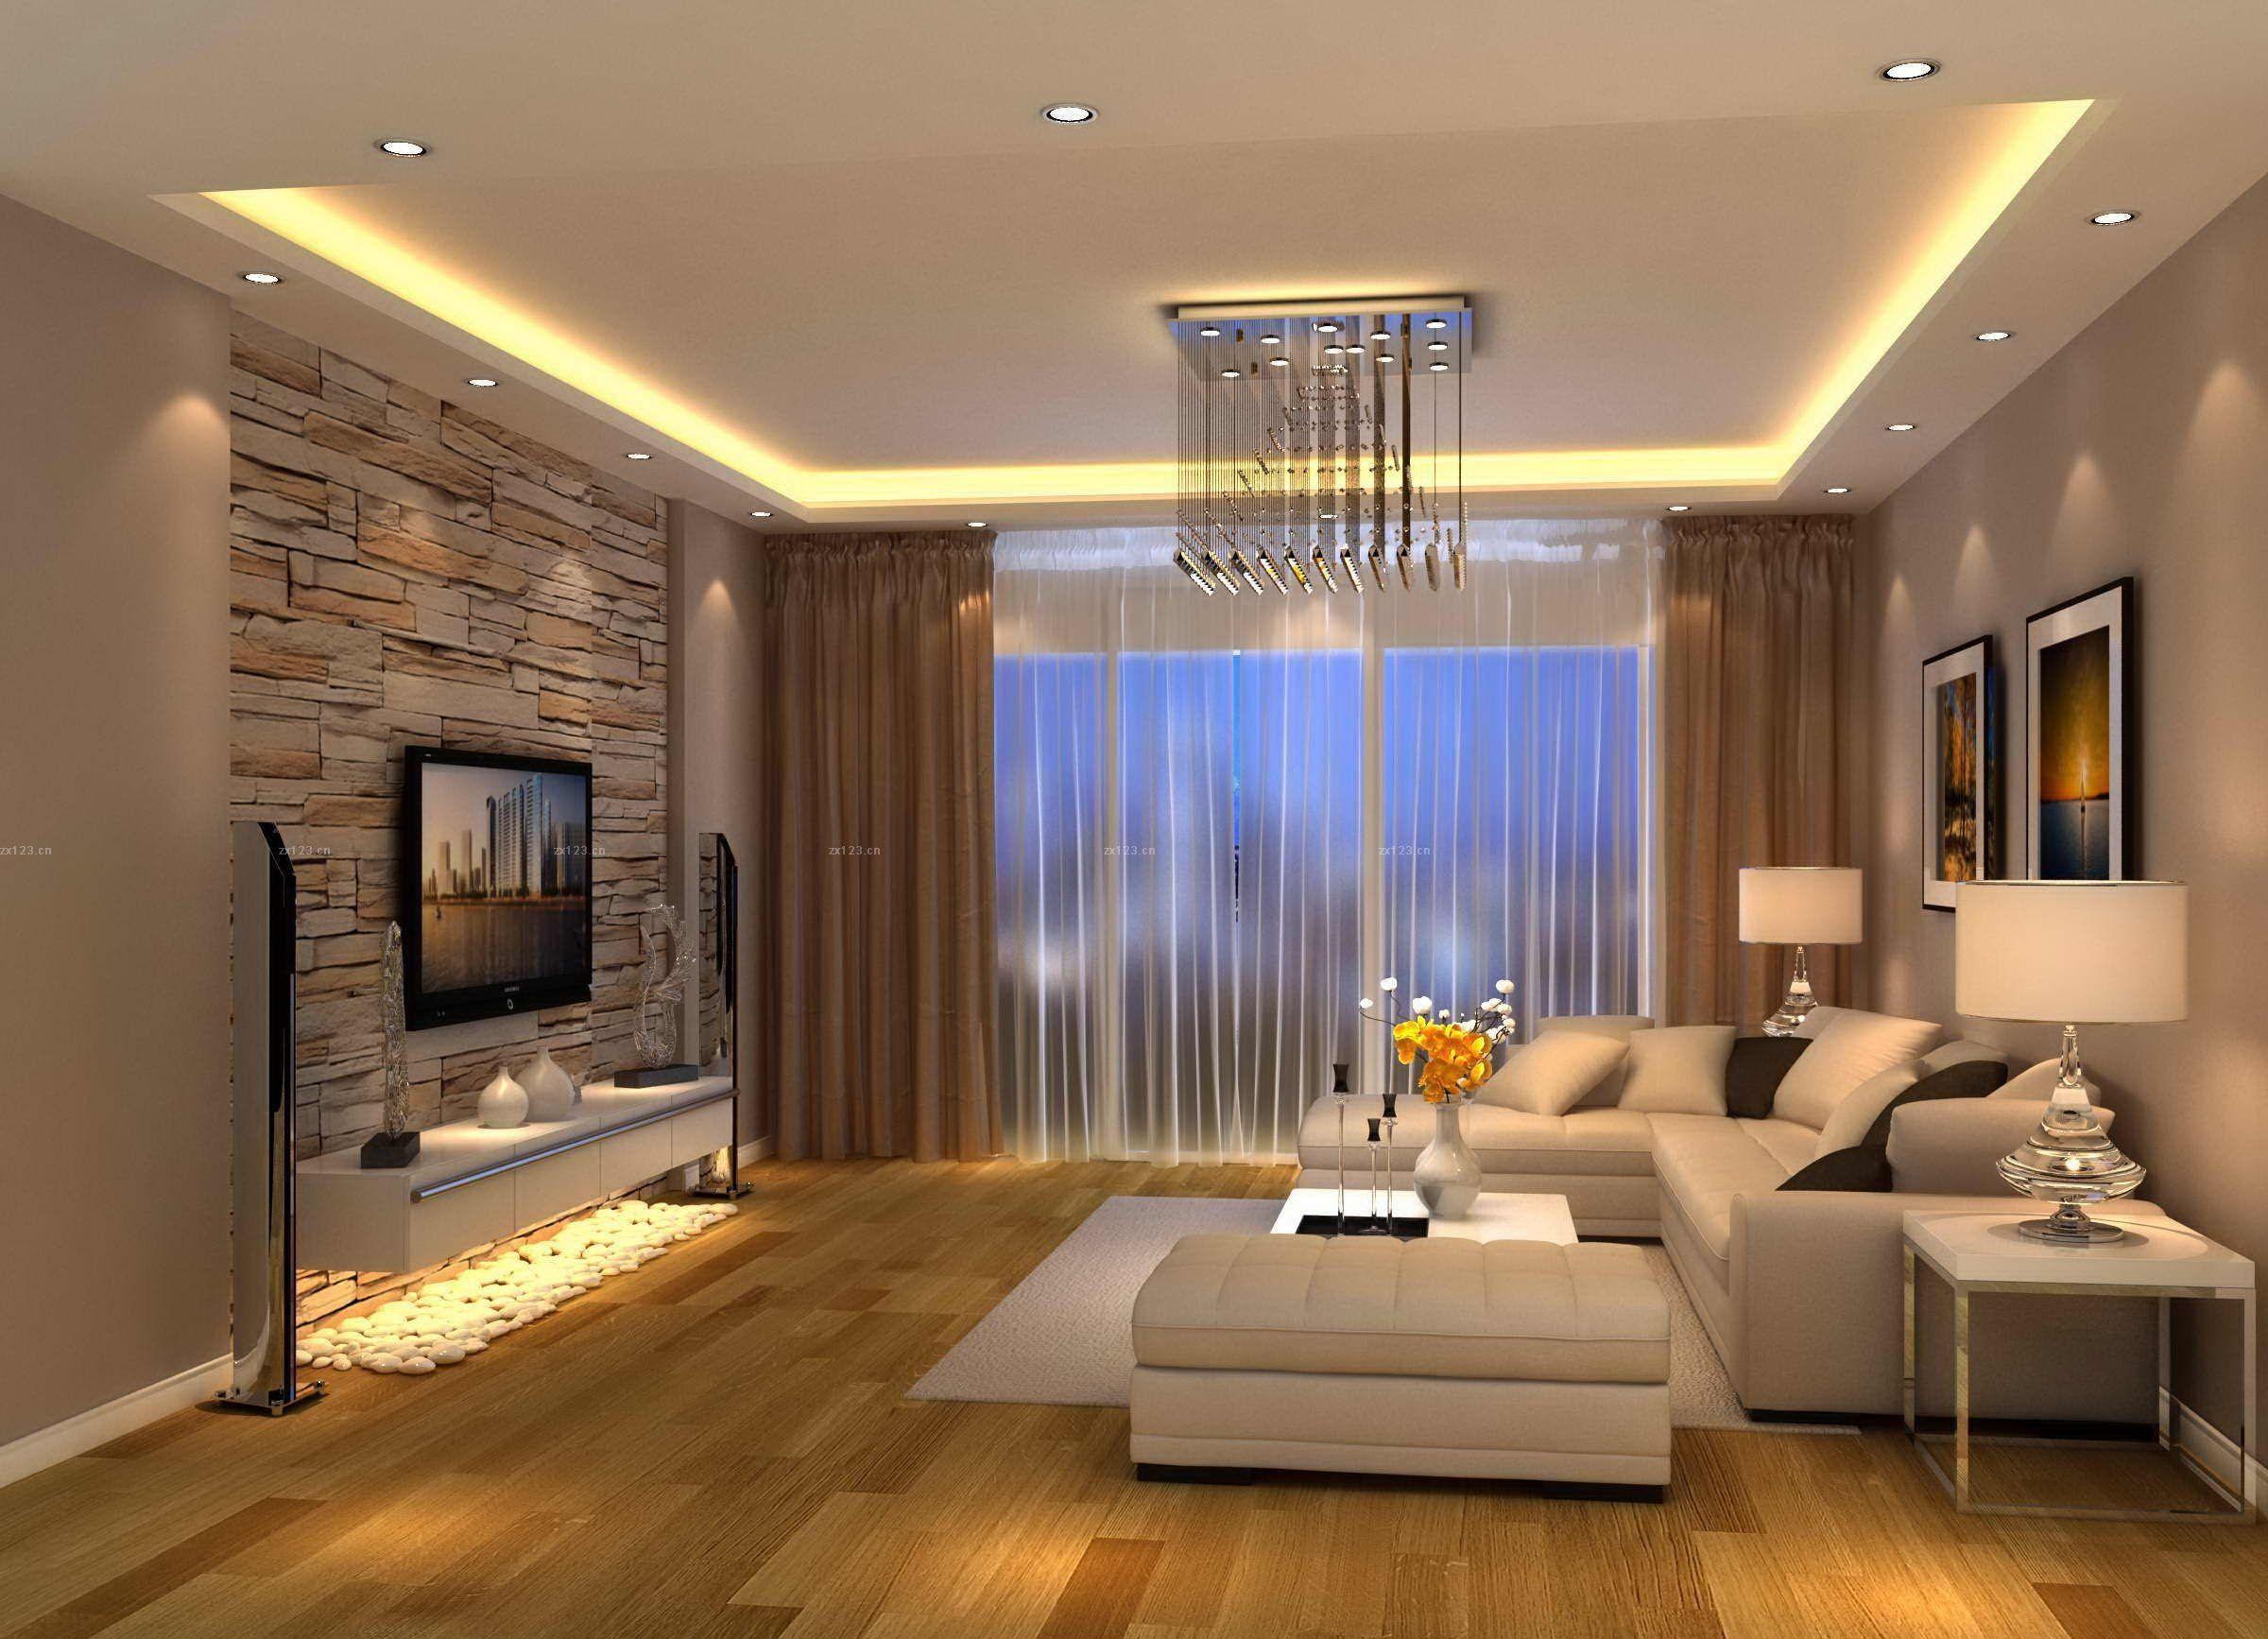 Gaming Desks Wohnzimmer Modern Innenarchitektur Bilder Wohnzimmer Design